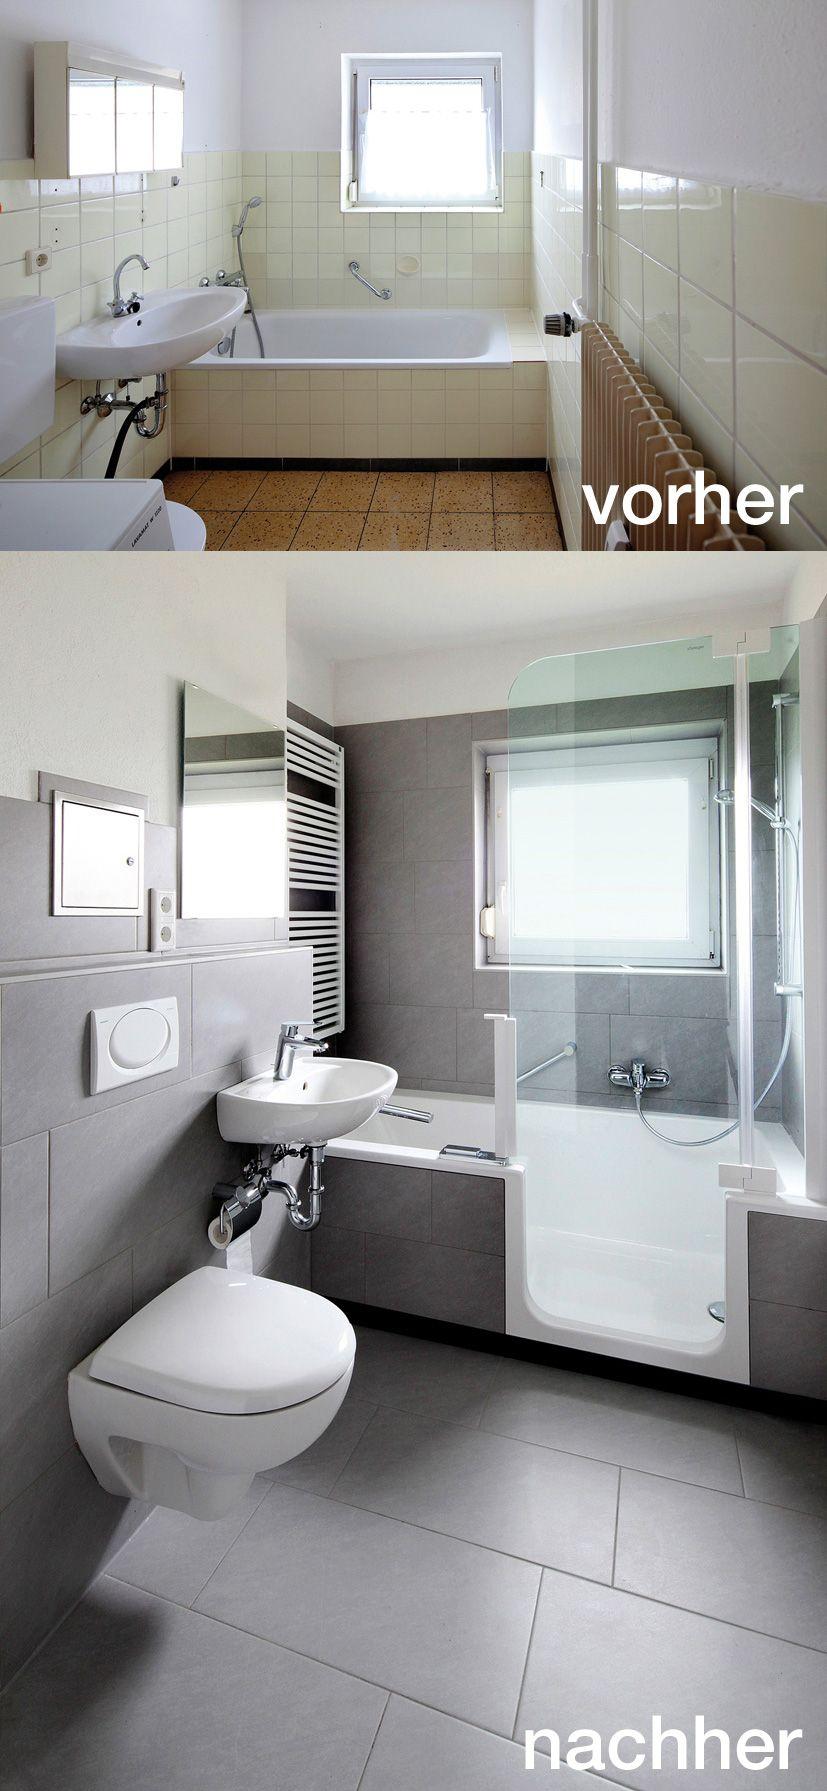 Badrenovierung Mit Twinline 2 Duschbadewanne Teilversenkt Mit Nur 5 5 Cm Einstiegshohe Das Besondere Au Duschbadewanne Alte Badewanne Badezimmerrenovierung